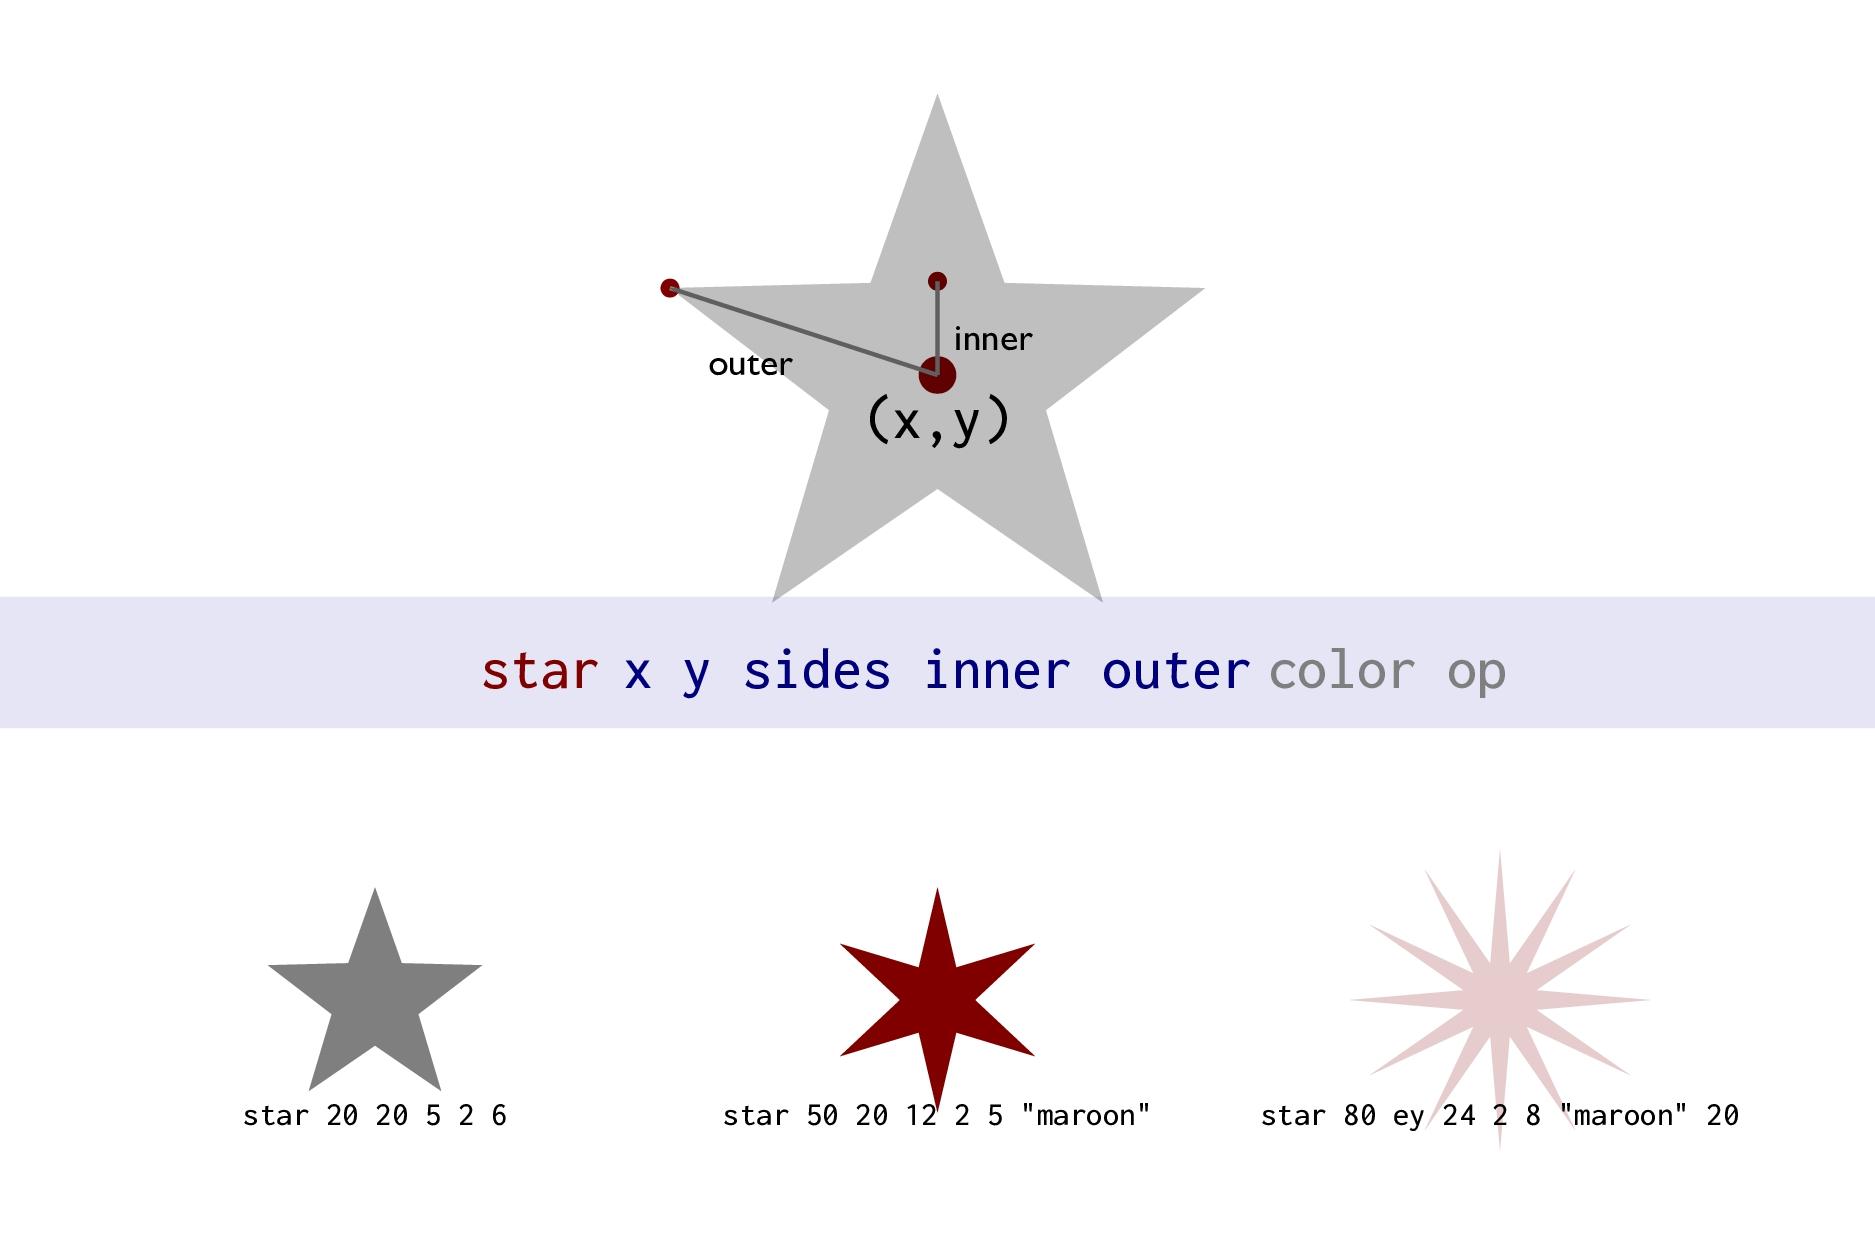 dbrace x y w bw bh [lw] [color] [op] (x,y) bw b...